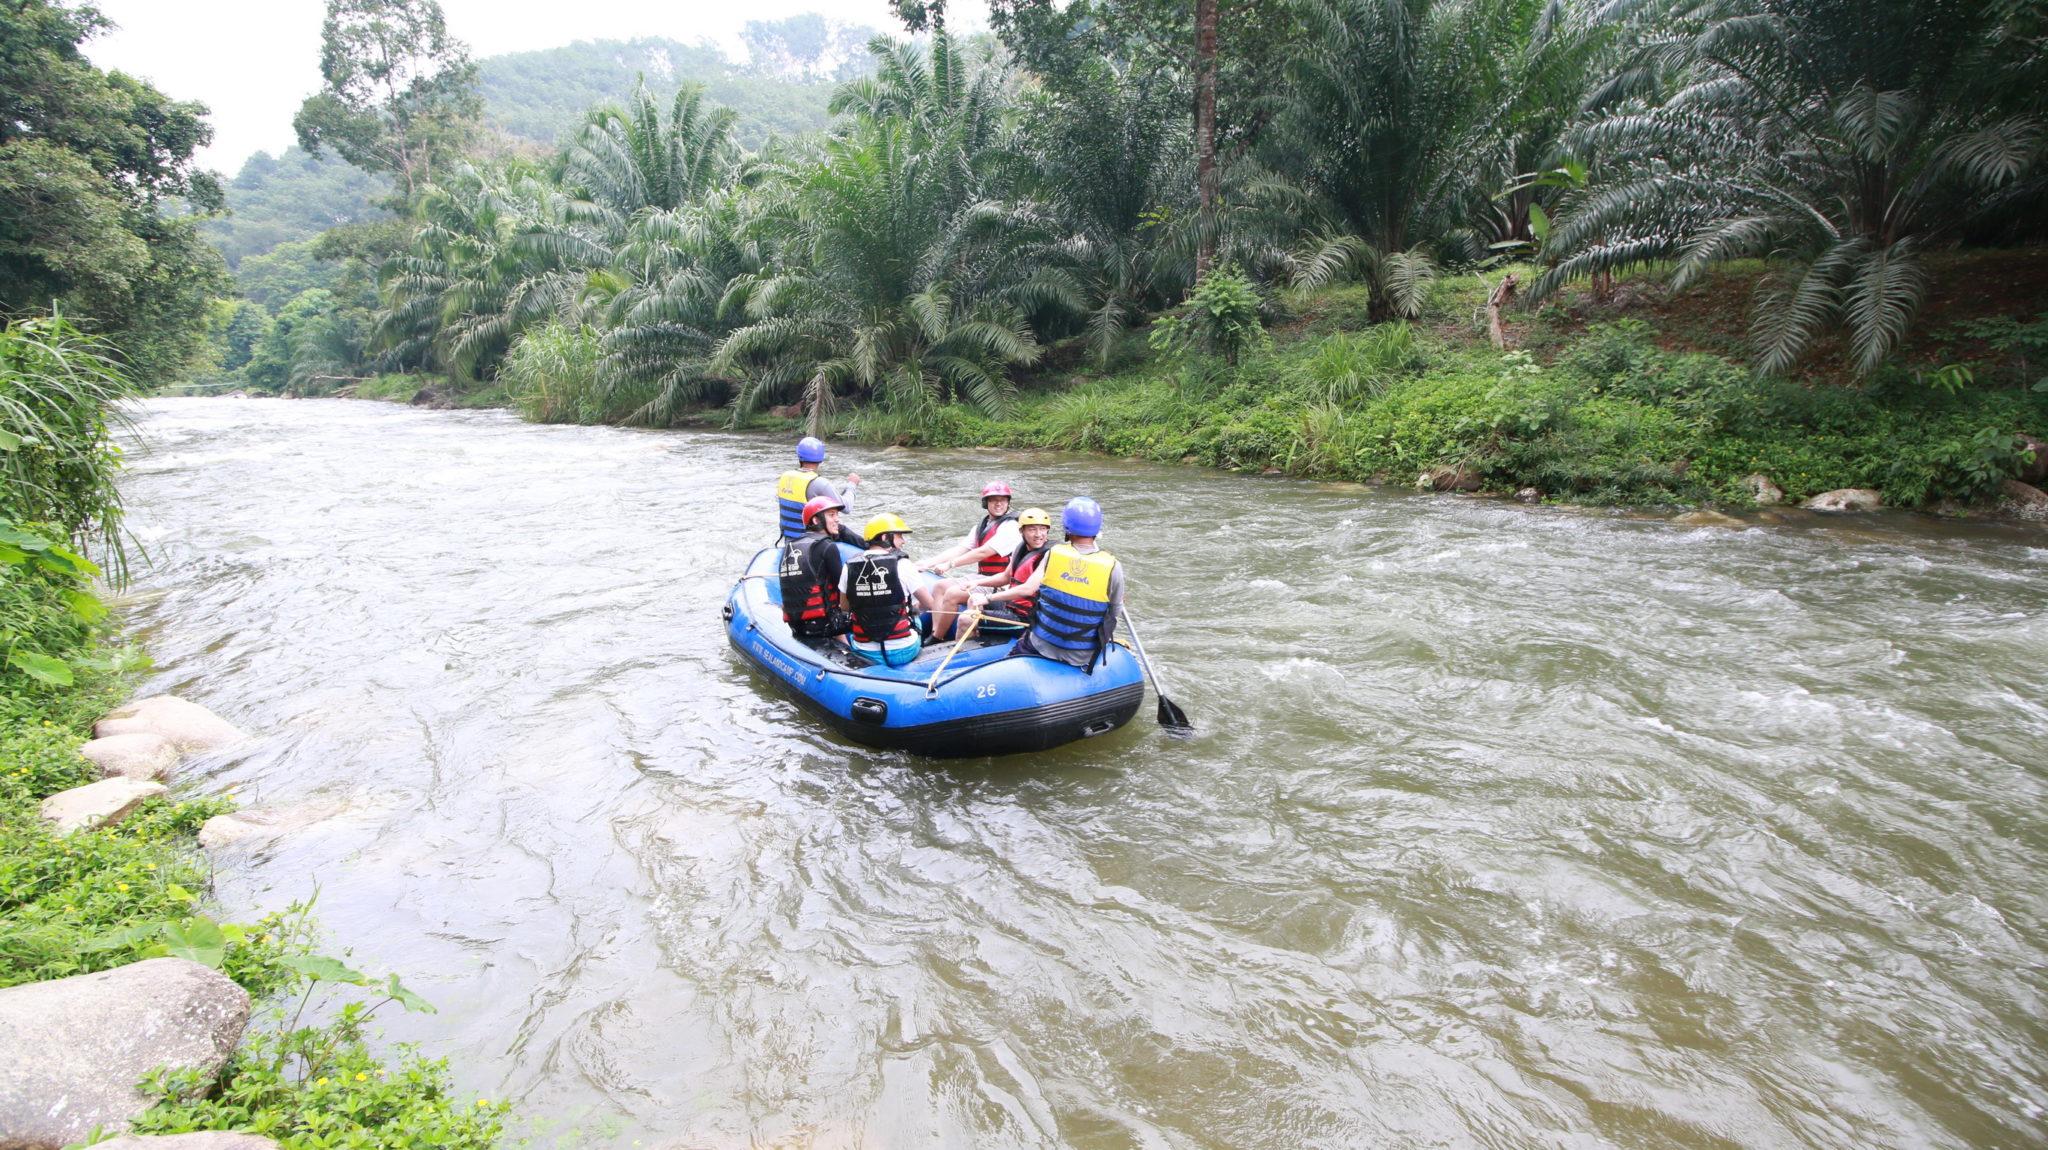 Zjazd rieky na raftoch